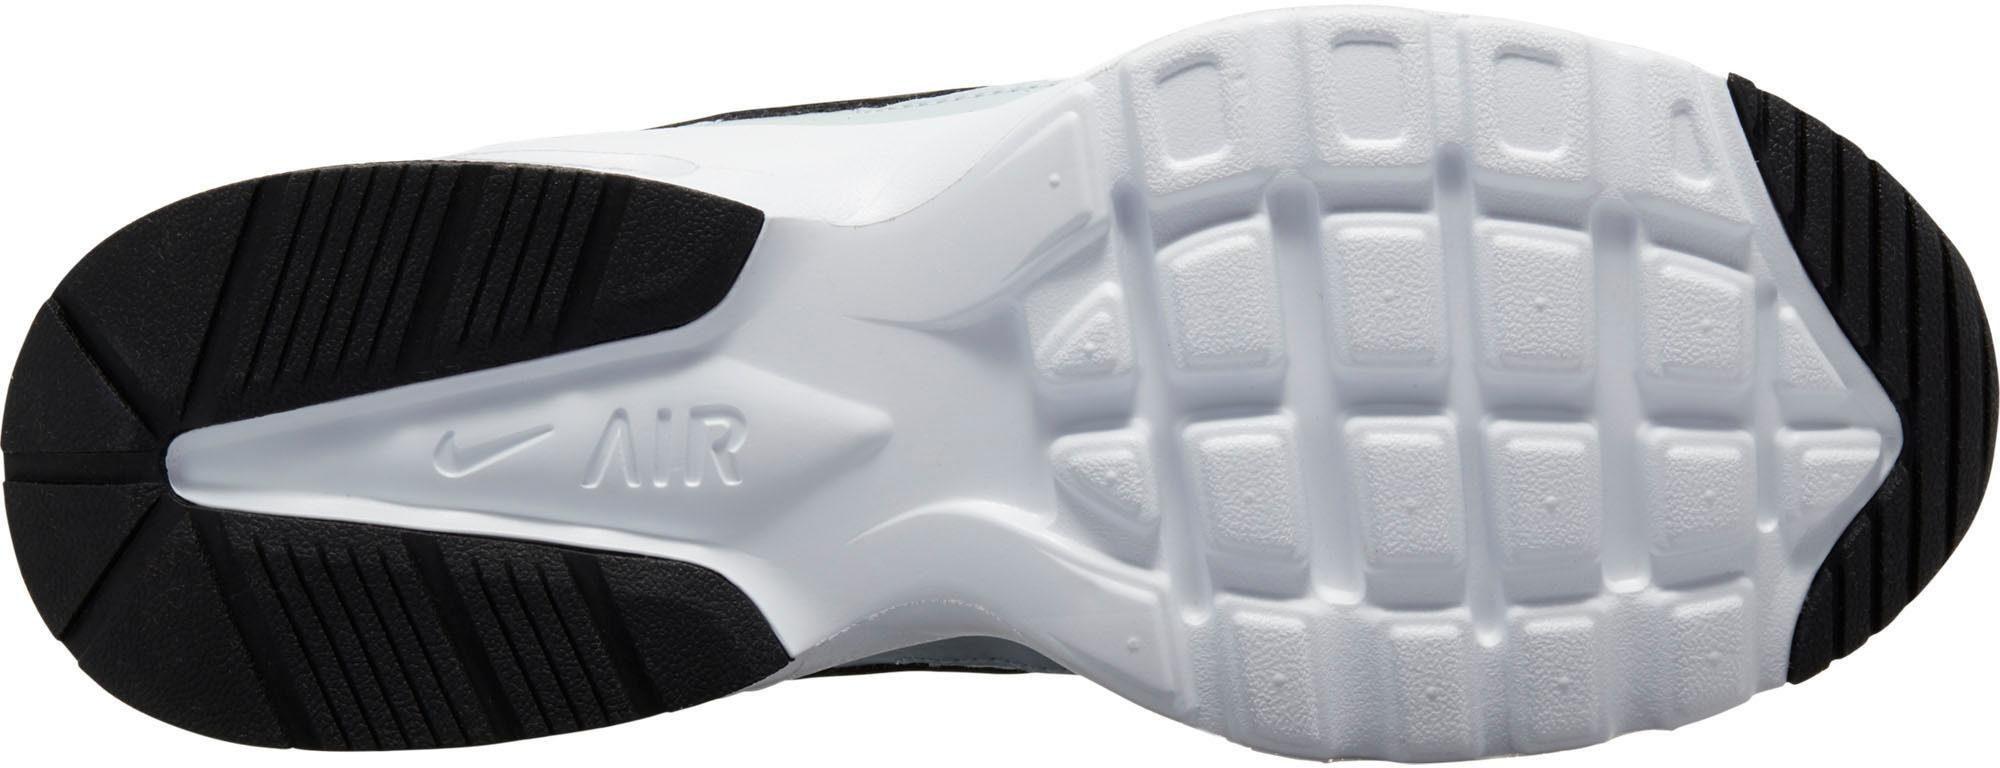 Nike Sneakers Wmns Air Max Fusion Makkelijk Gekocht - Geweldige Prijs